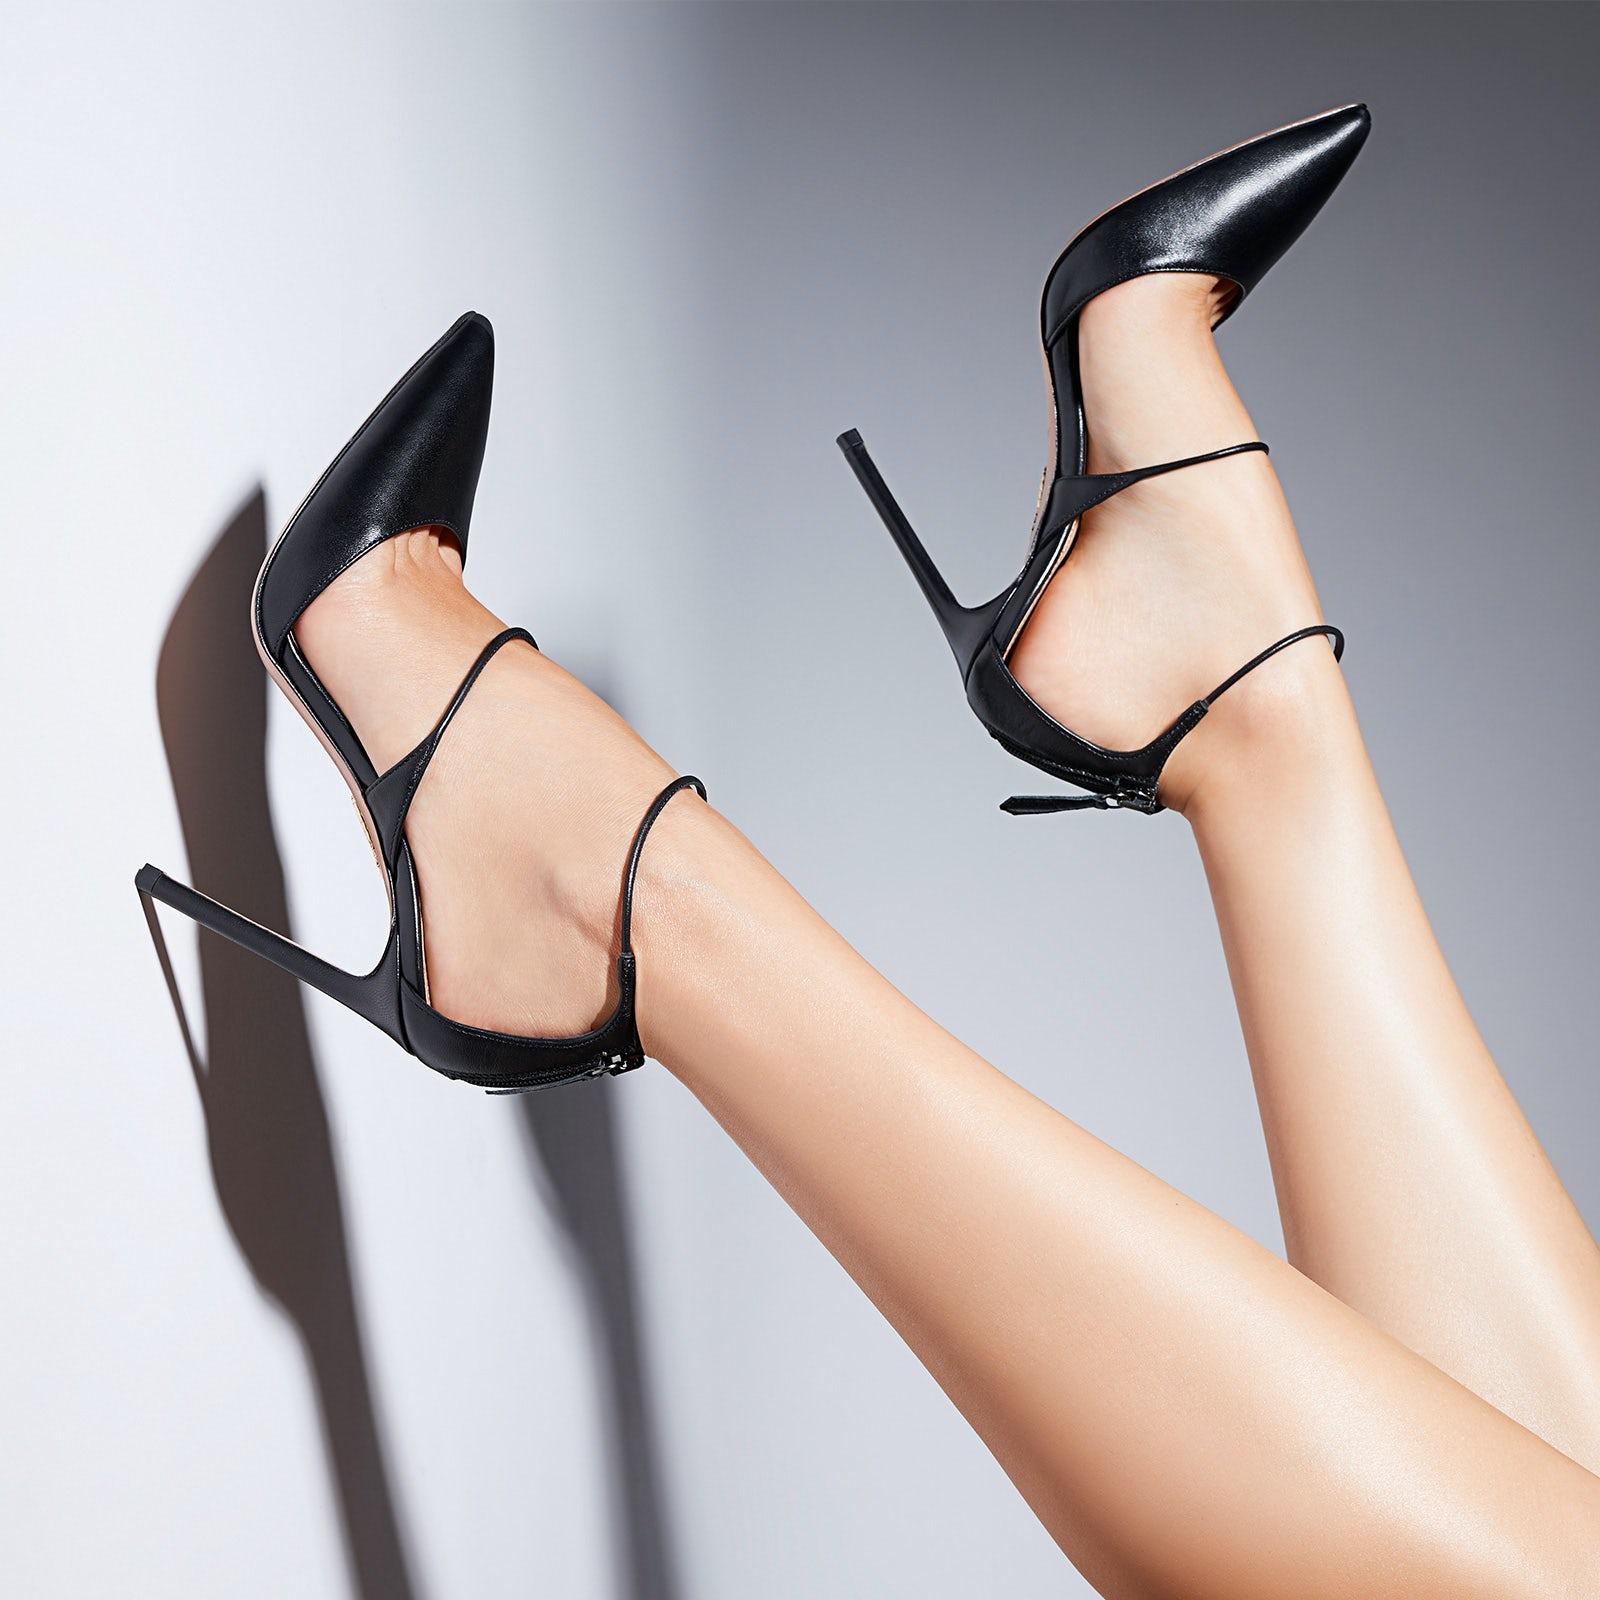 Luxury Footwear for Women